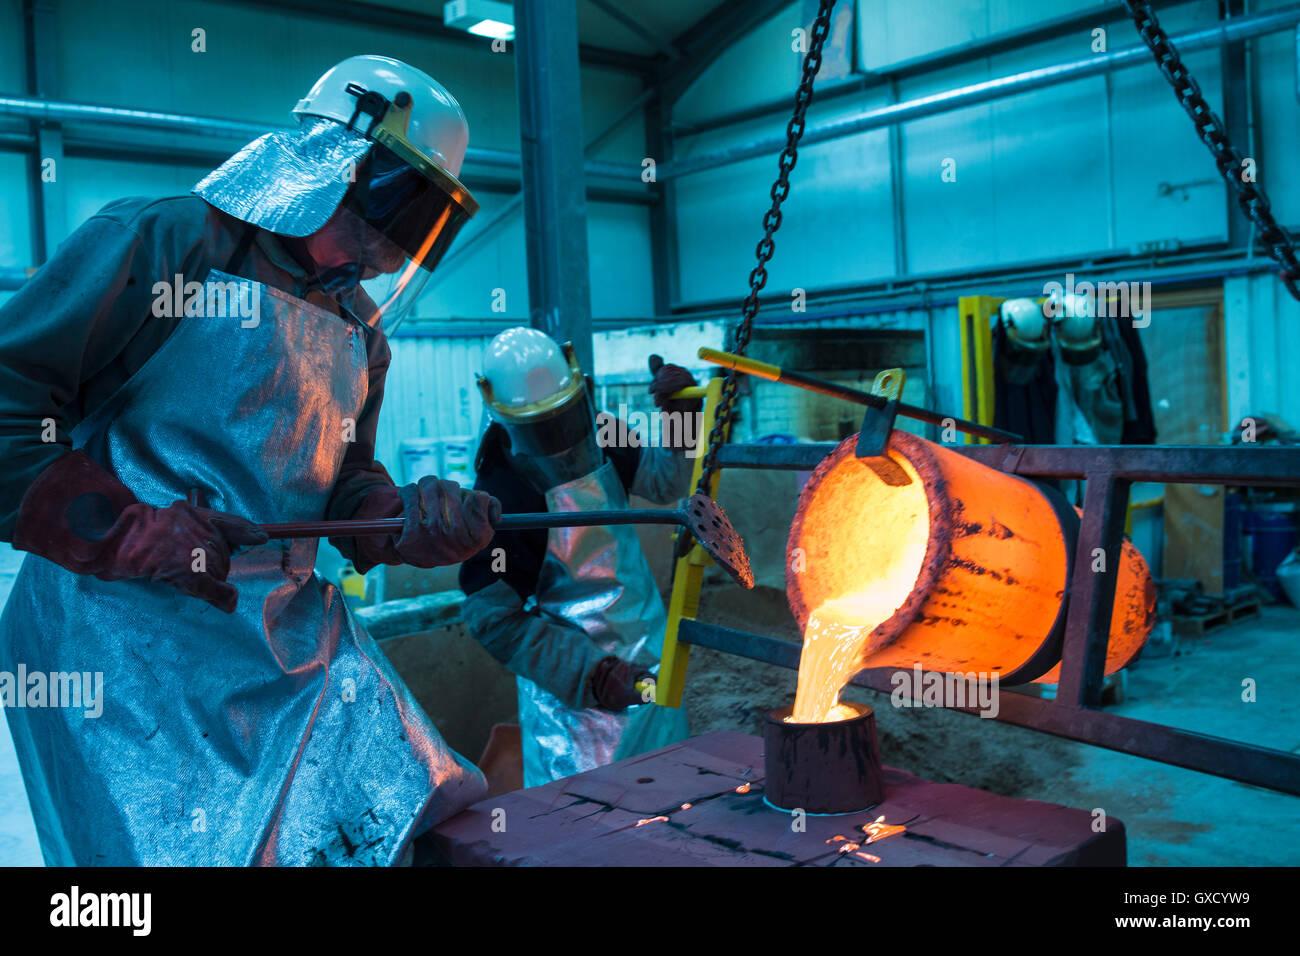 Travailleurs de fonderie mâle bronze coulée en fonderie de bronze melting pot Banque D'Images